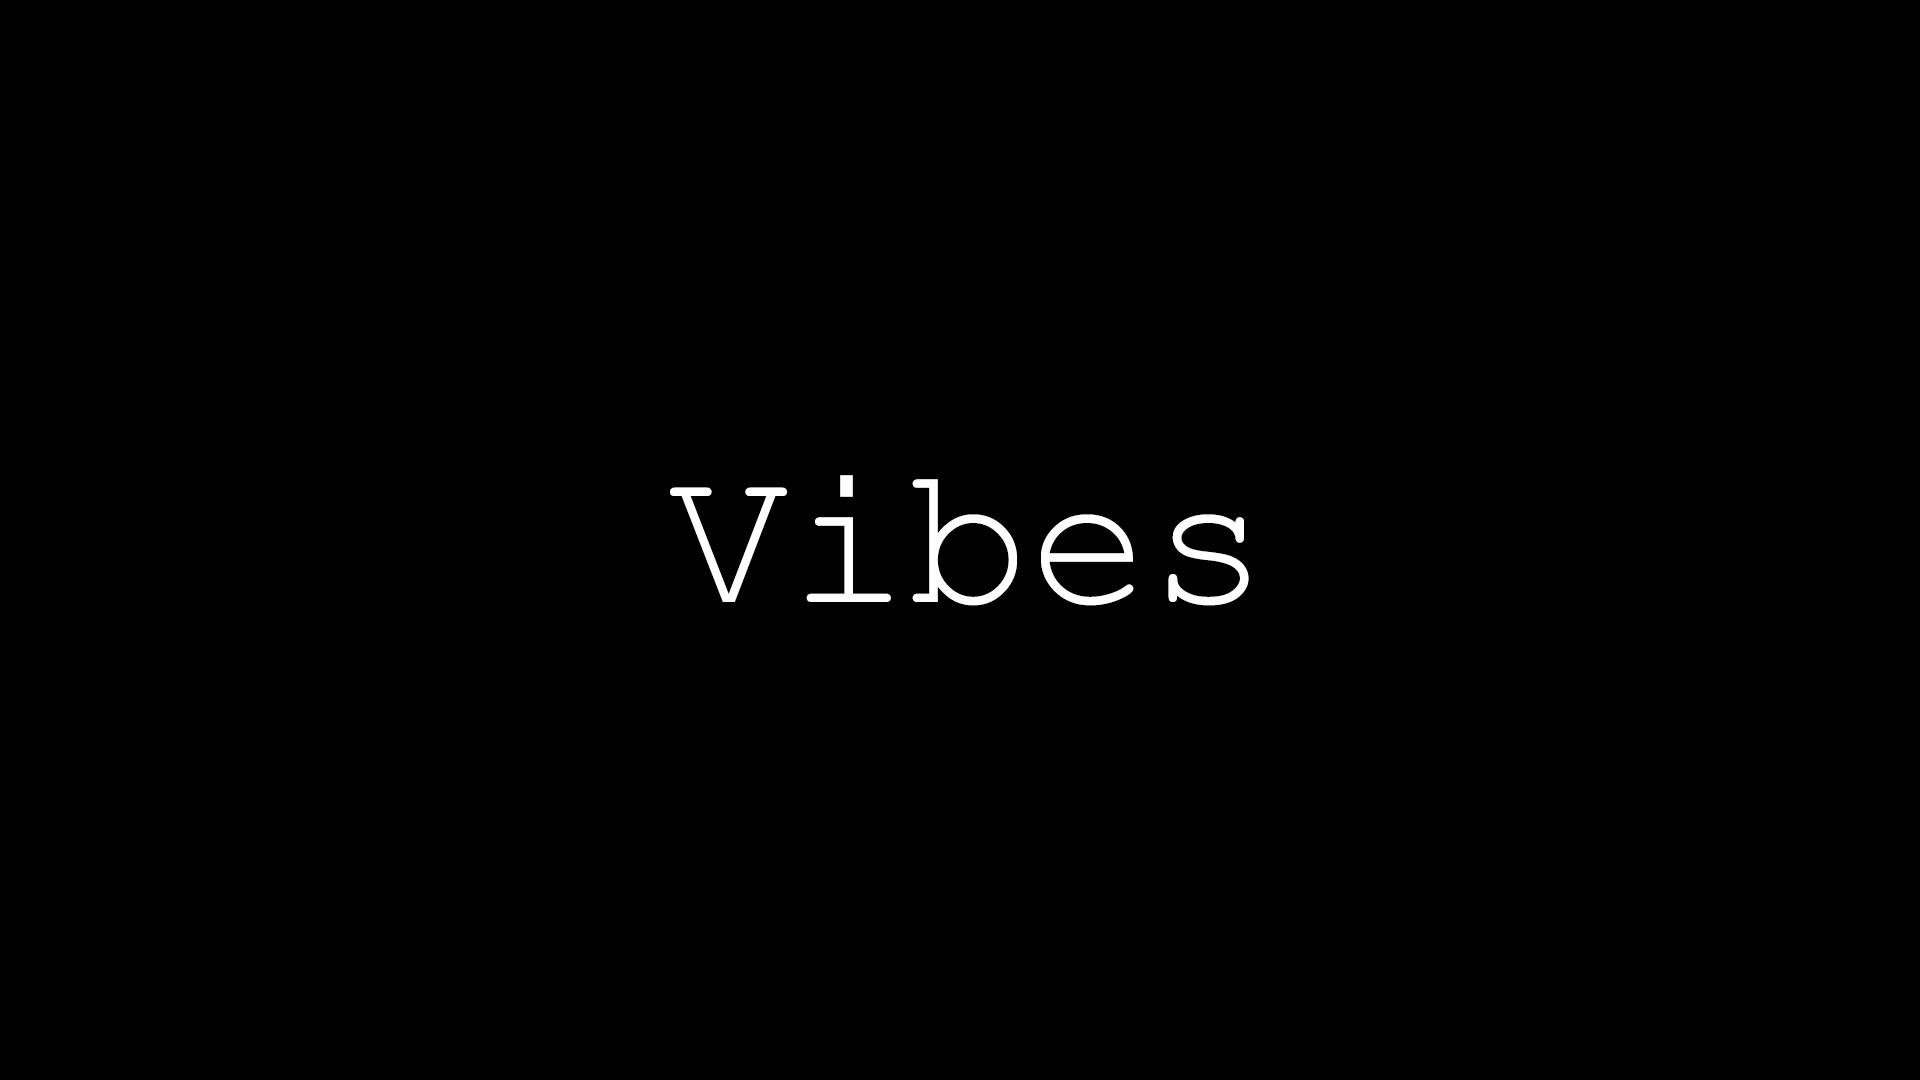 Vibes - My RØDE Reel 2020